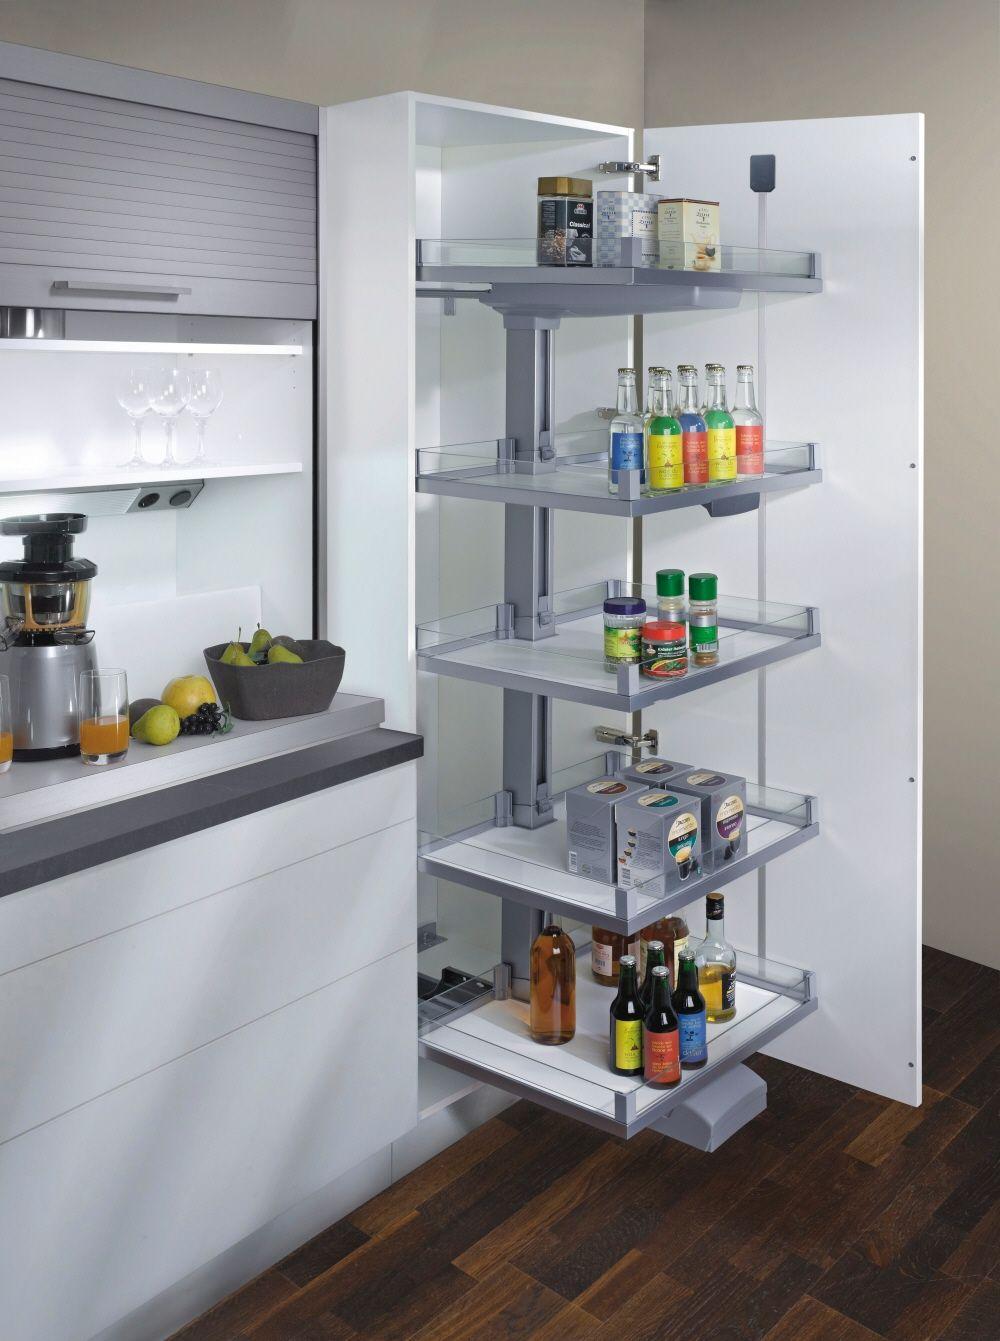 Full Size of Kleiner Eckschrank Küche Eckschrank Küche Schwenkauszug Ikea Eckschrank Küche Oben Eckschrank Küche Gebraucht Küche Eckschrank Küche